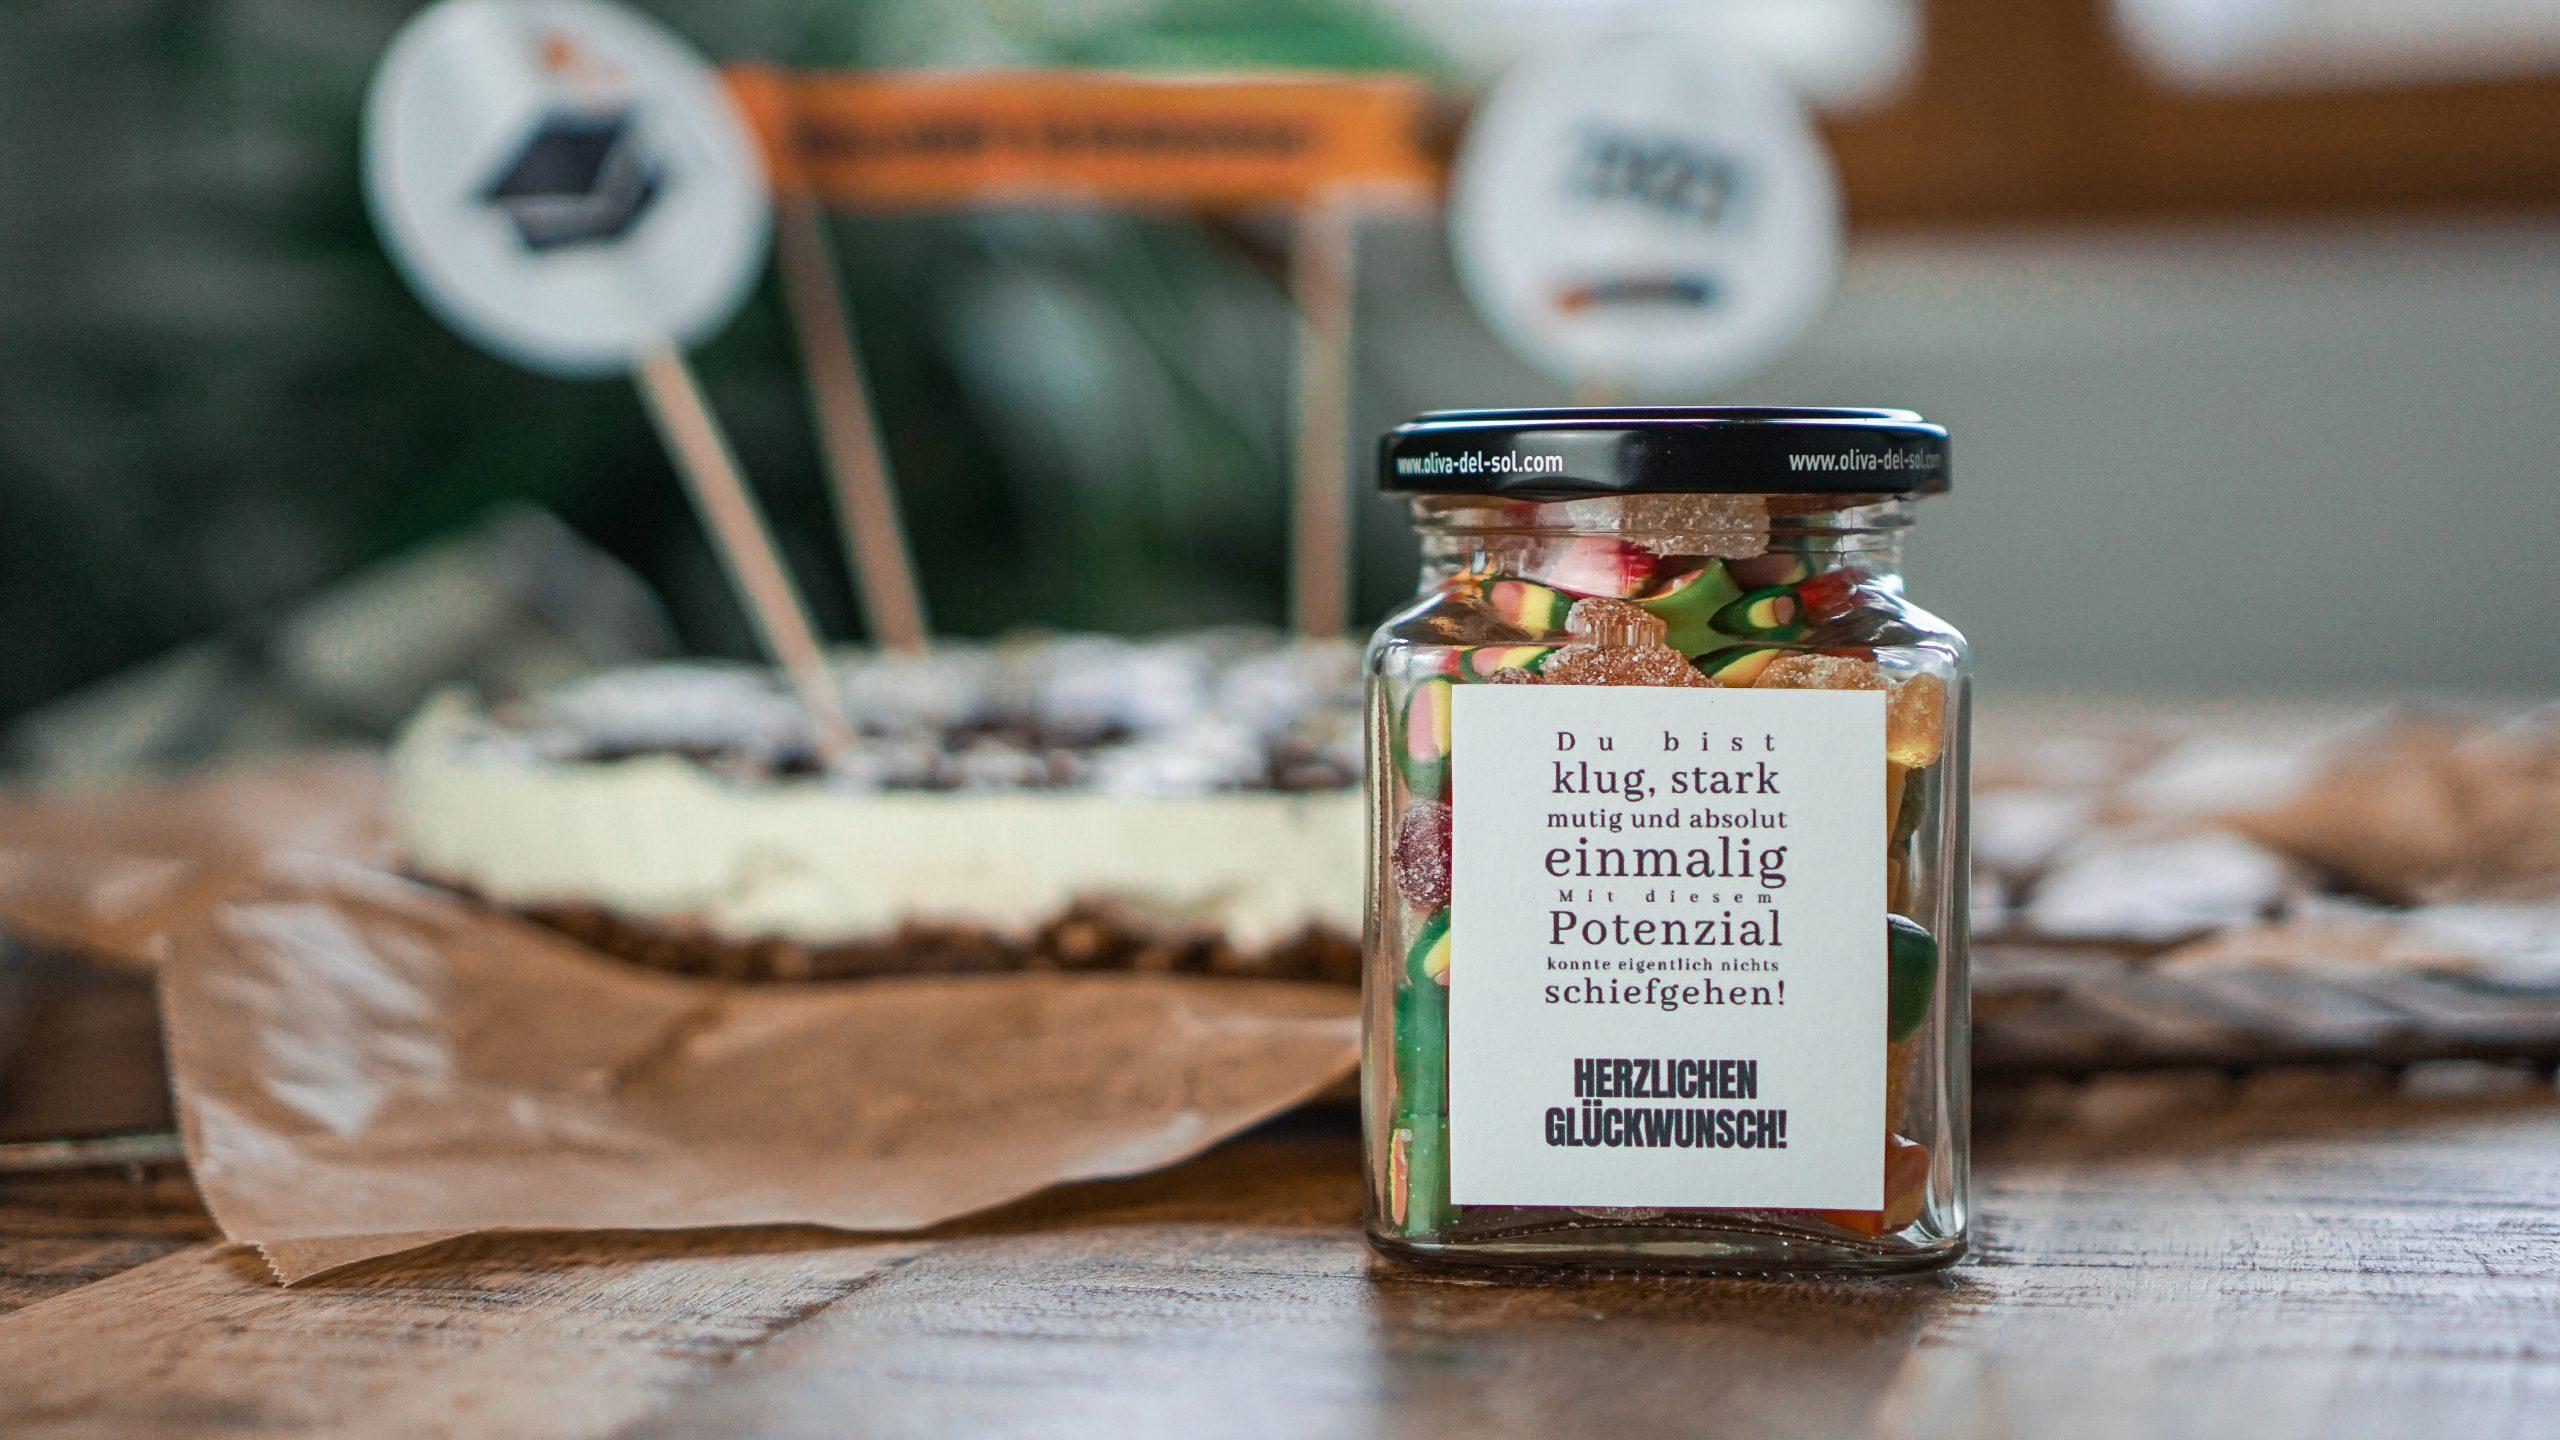 Einwegglas gefüllt mit Gummibärchen und Herzlichen-Glückwunsch-Etikett